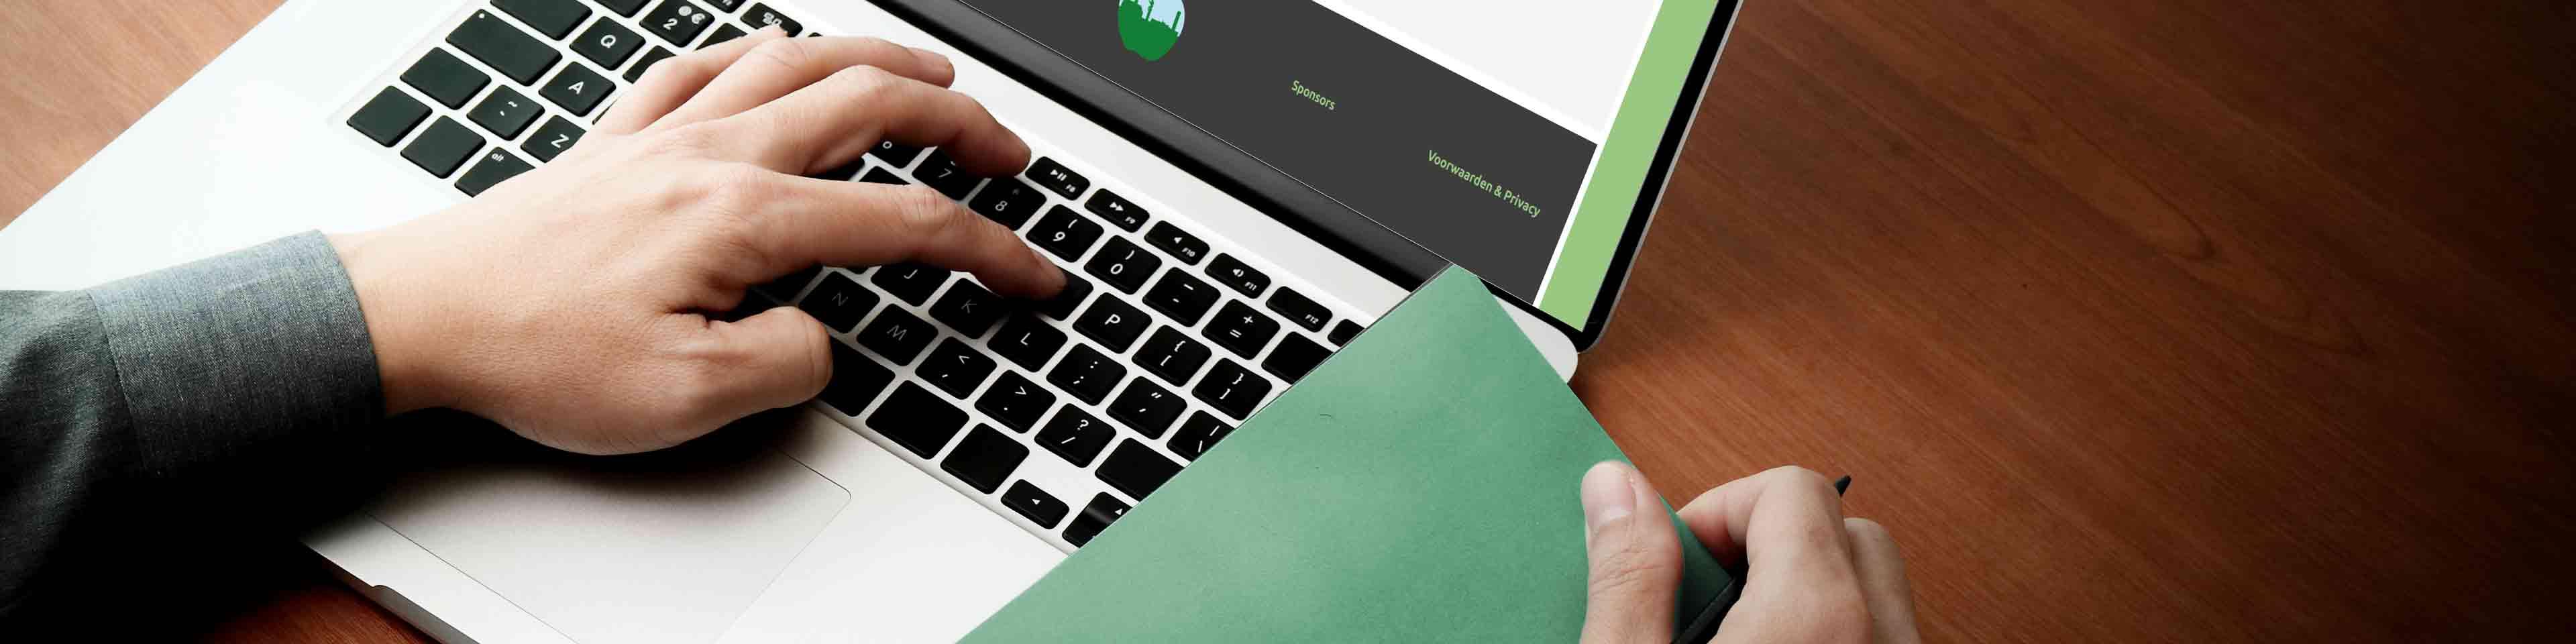 banner pagina inschrijven activiteit, weergave: persoon typend op laptop